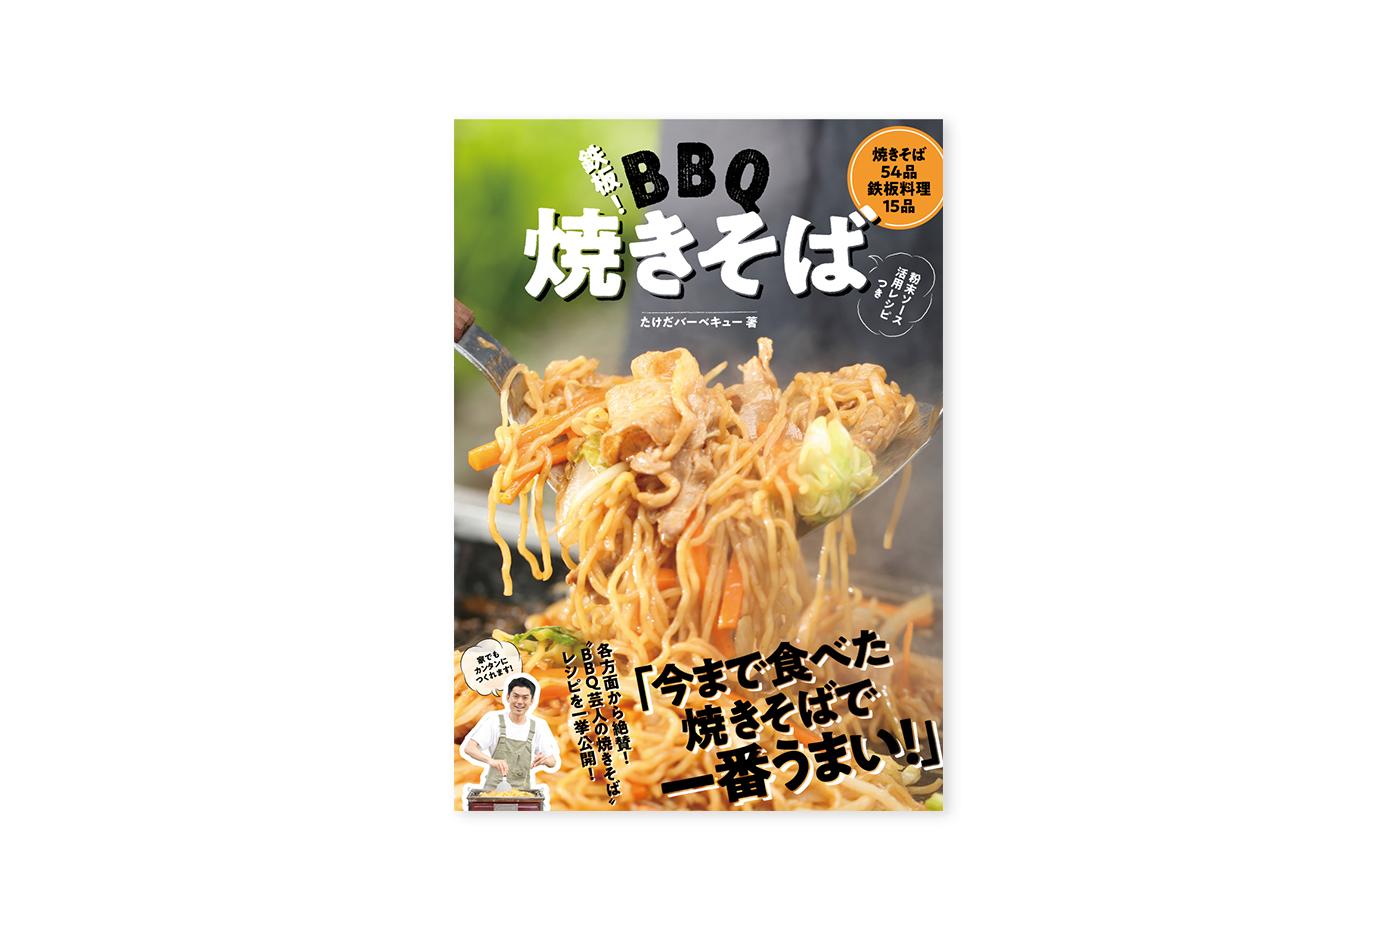 yakisoba_coverobi